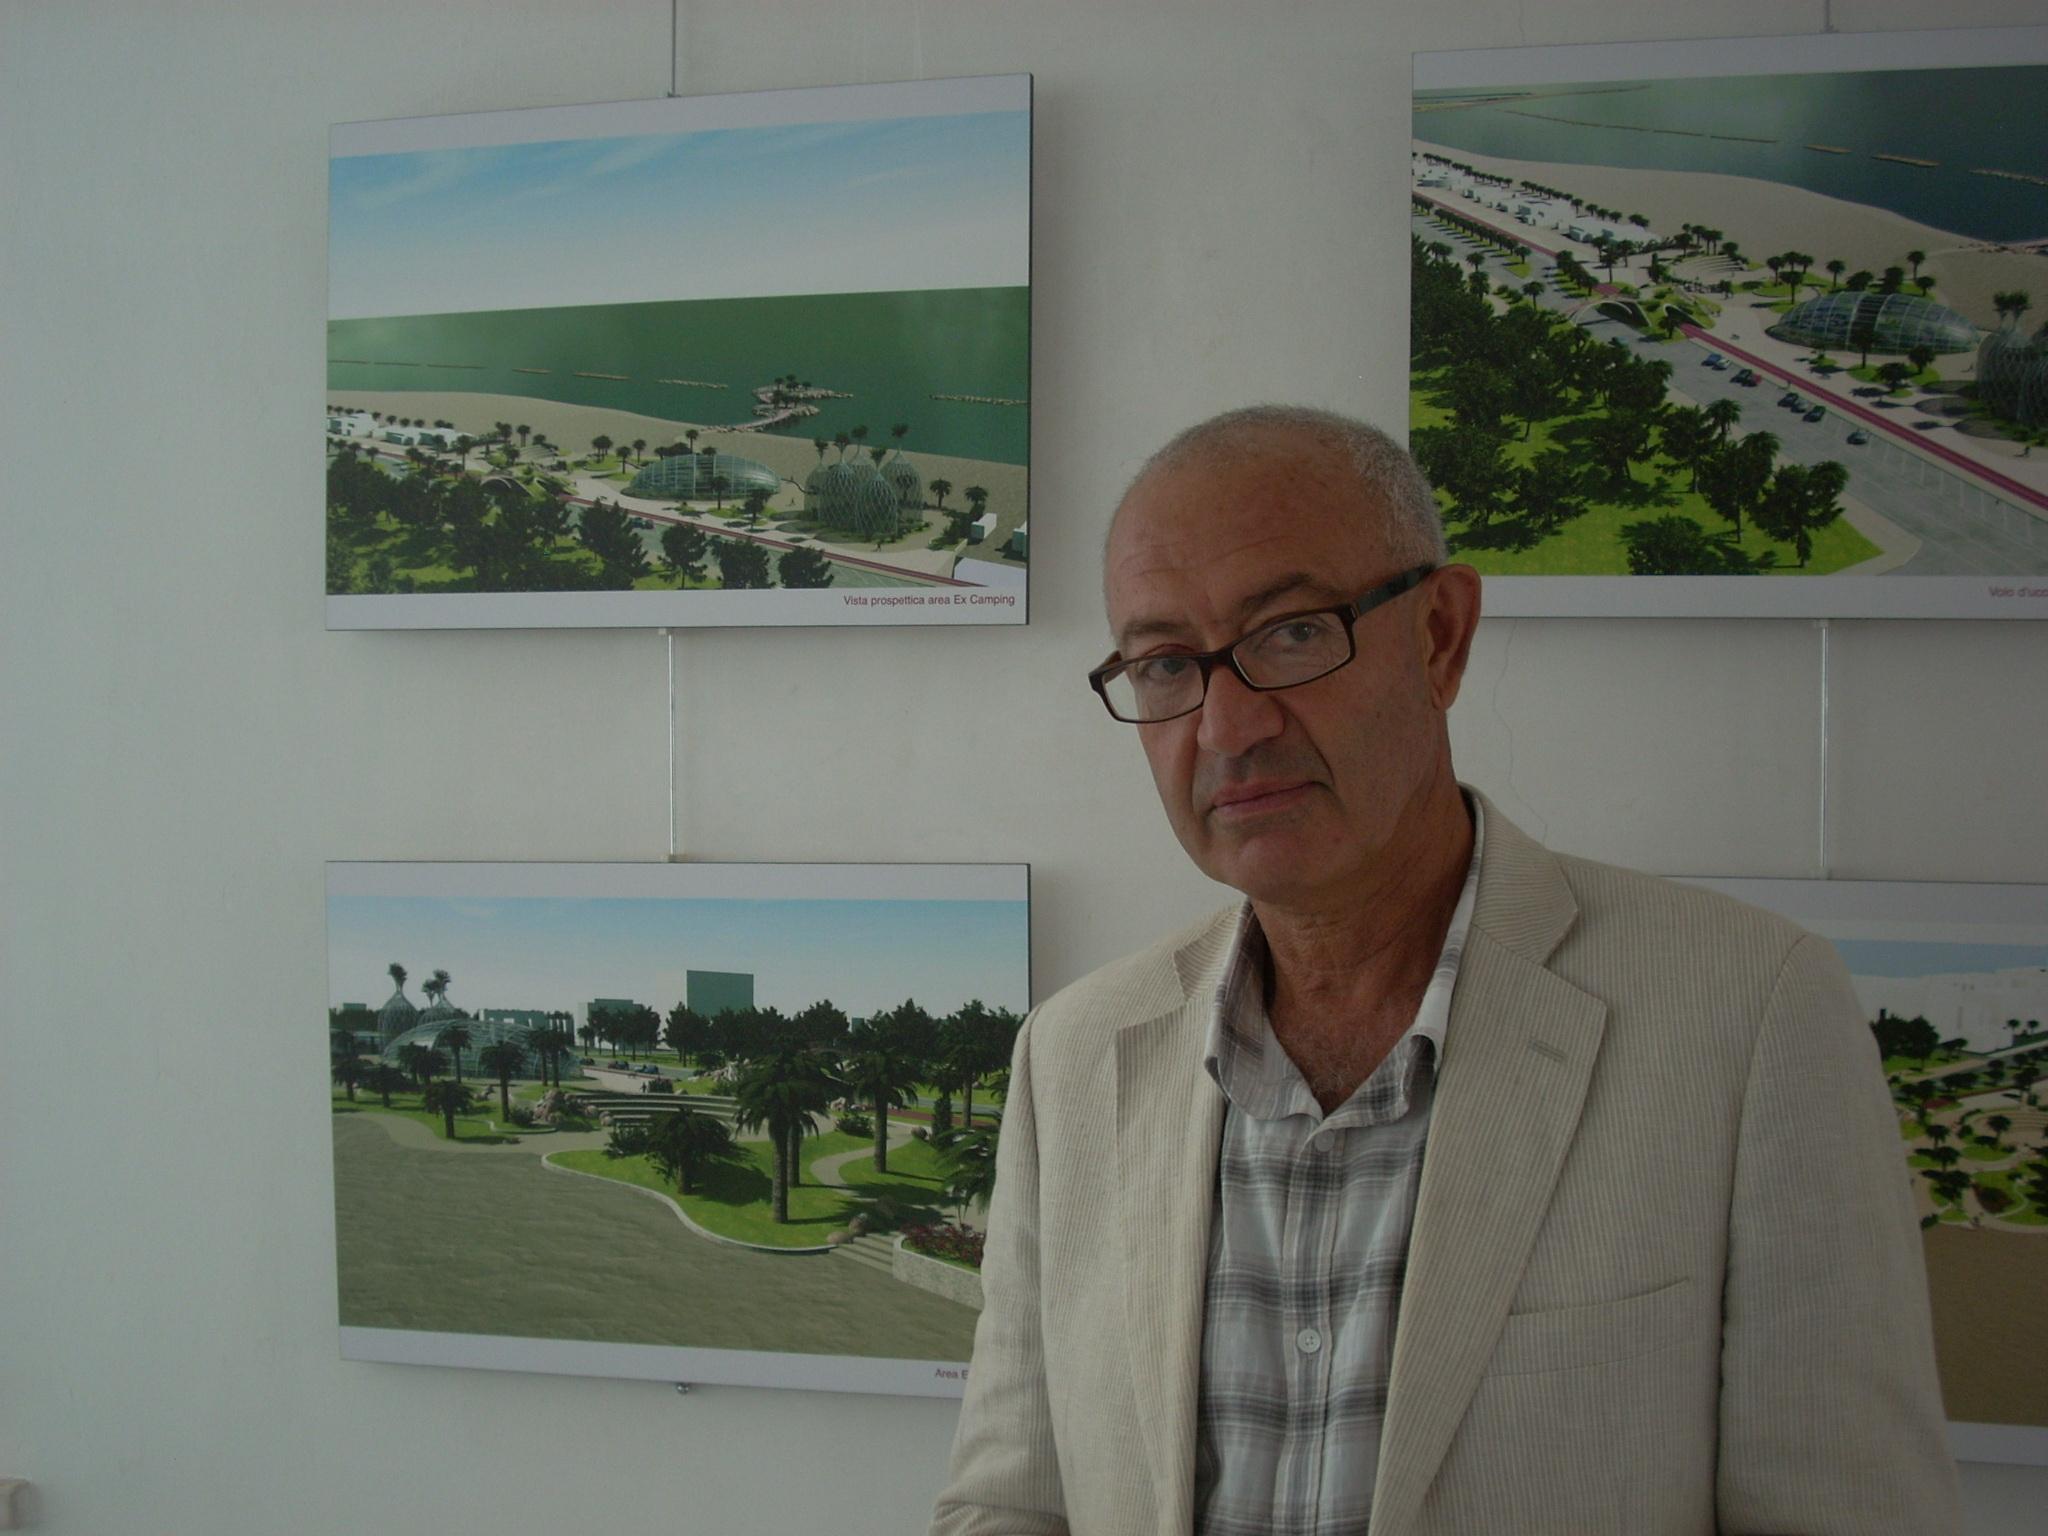 Farnush Davarpanah, autore del progetto nuovo lungomare nord